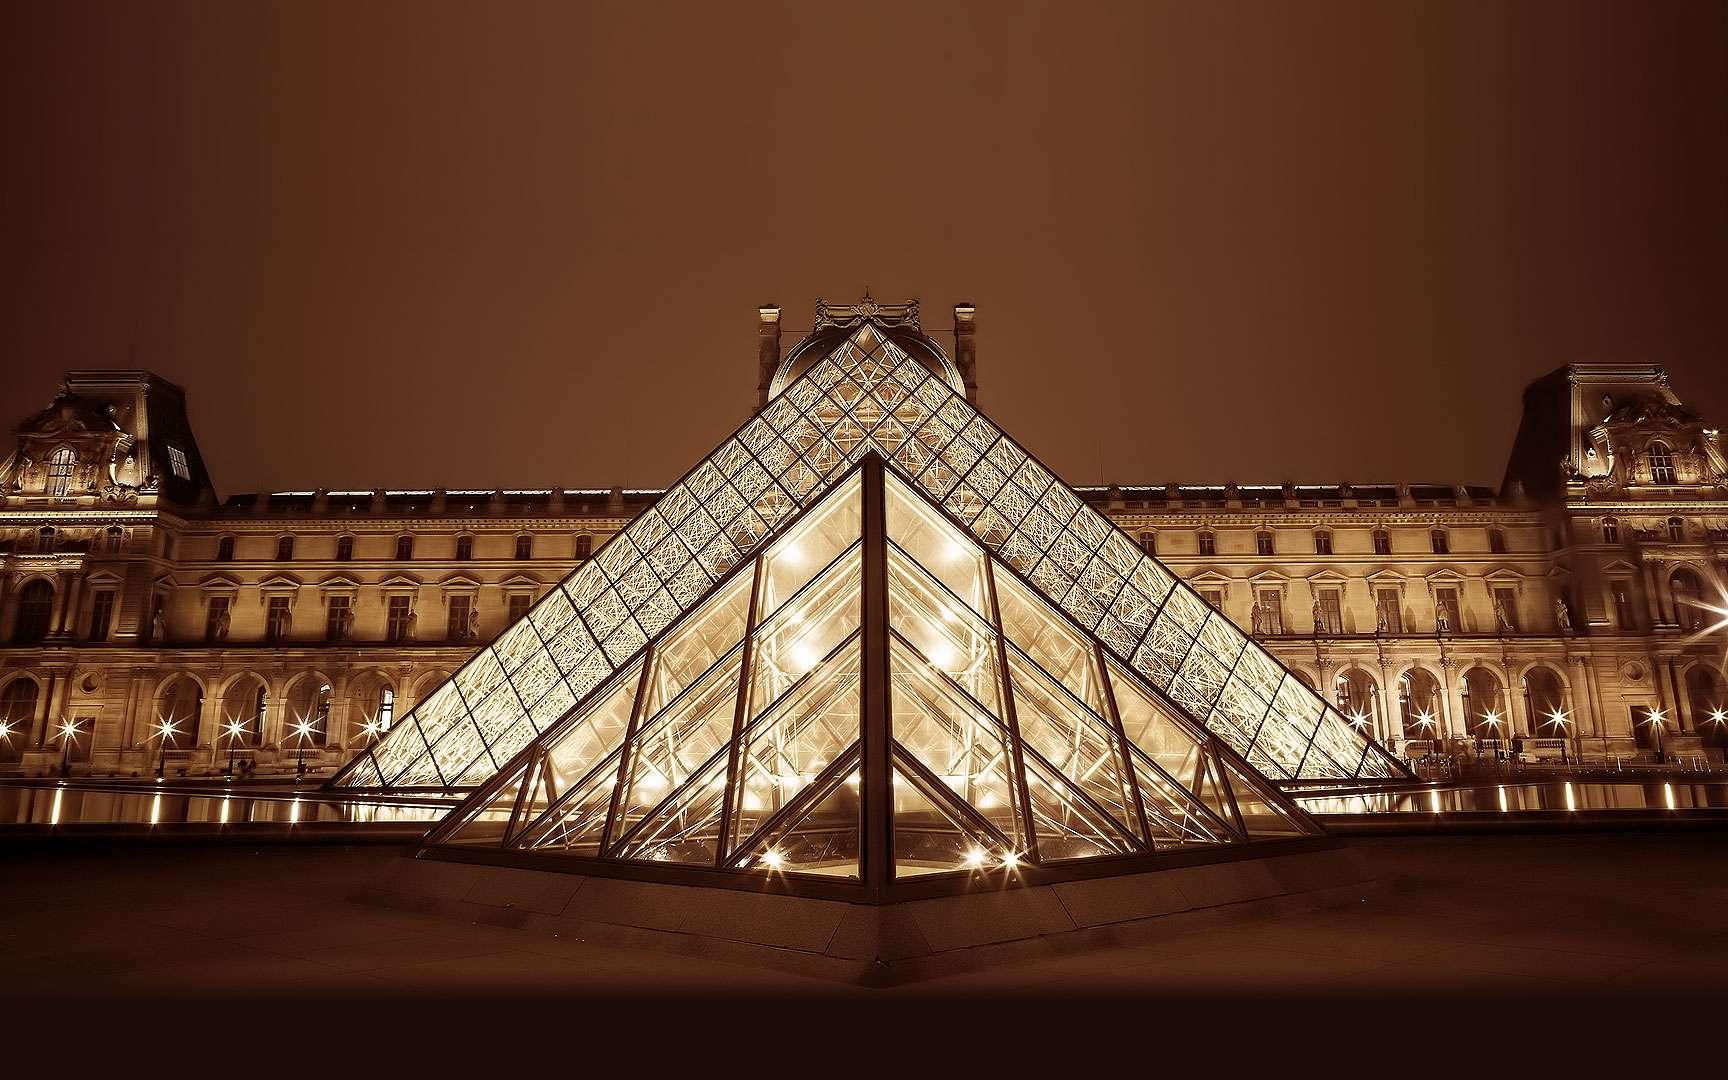 Le palais du Louvre, une ancienne résidence royale. Le Louvre est un musée bien connu qui abrite l'une des plus époustouflantes collections d'œuvres d'art au monde. Mais avant cela, il était l'une des principales résidences des rois de France. Il a été érigé comme forteresse défensive en 1190 par Philippe Auguste, puis est devenu un lieu de vie secondaire pour les rois à partir du XIVe siècle. Au fil des années, le palais du Louvre a pris beaucoup d'ampleur, avec notamment la construction de la grande galerie le long de la Seine, de la cour carrée, de plusieurs nouvelles ailes et de la pyramide. Il devint un musée en 1793. Dates de construction : 1190 (puis agrandi au fil des siècles) © Adrien Sifre, Flickr, CC by-nc-nd 2.0